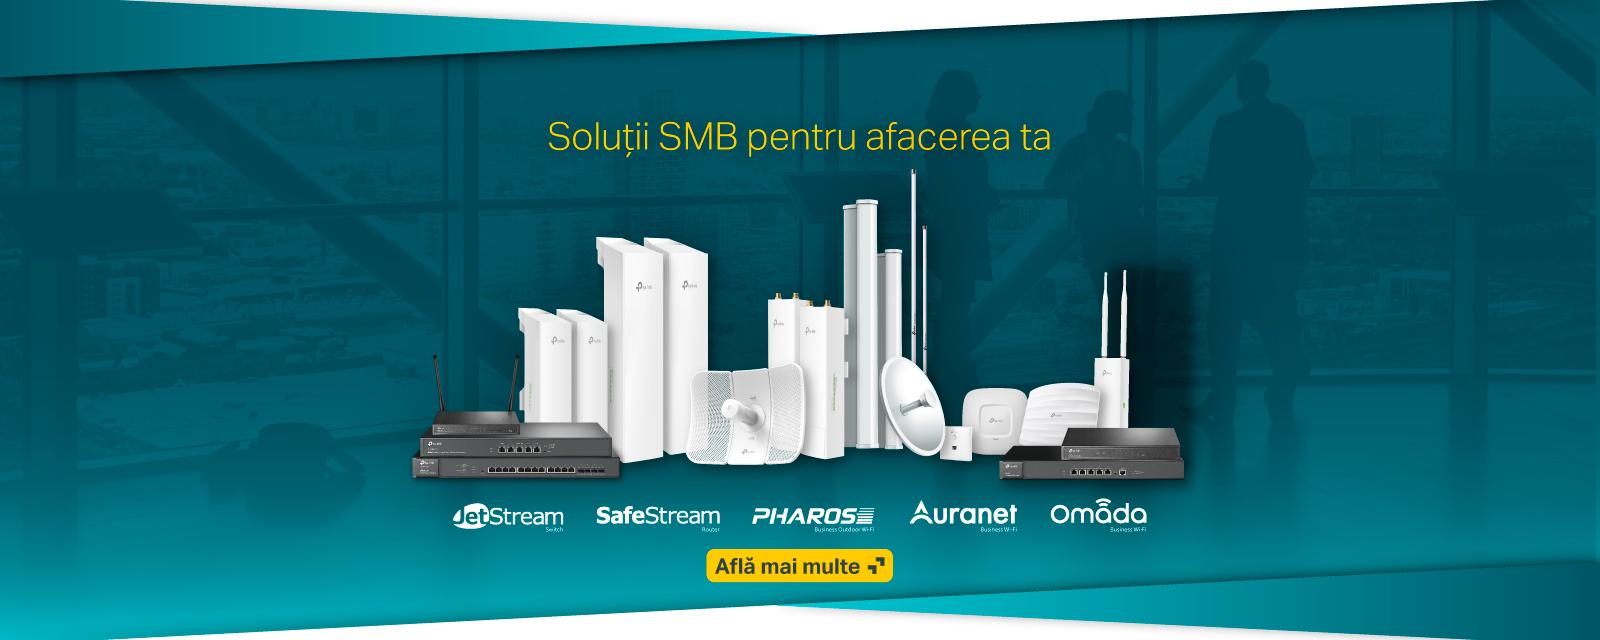 Solutii SMB TP-Link